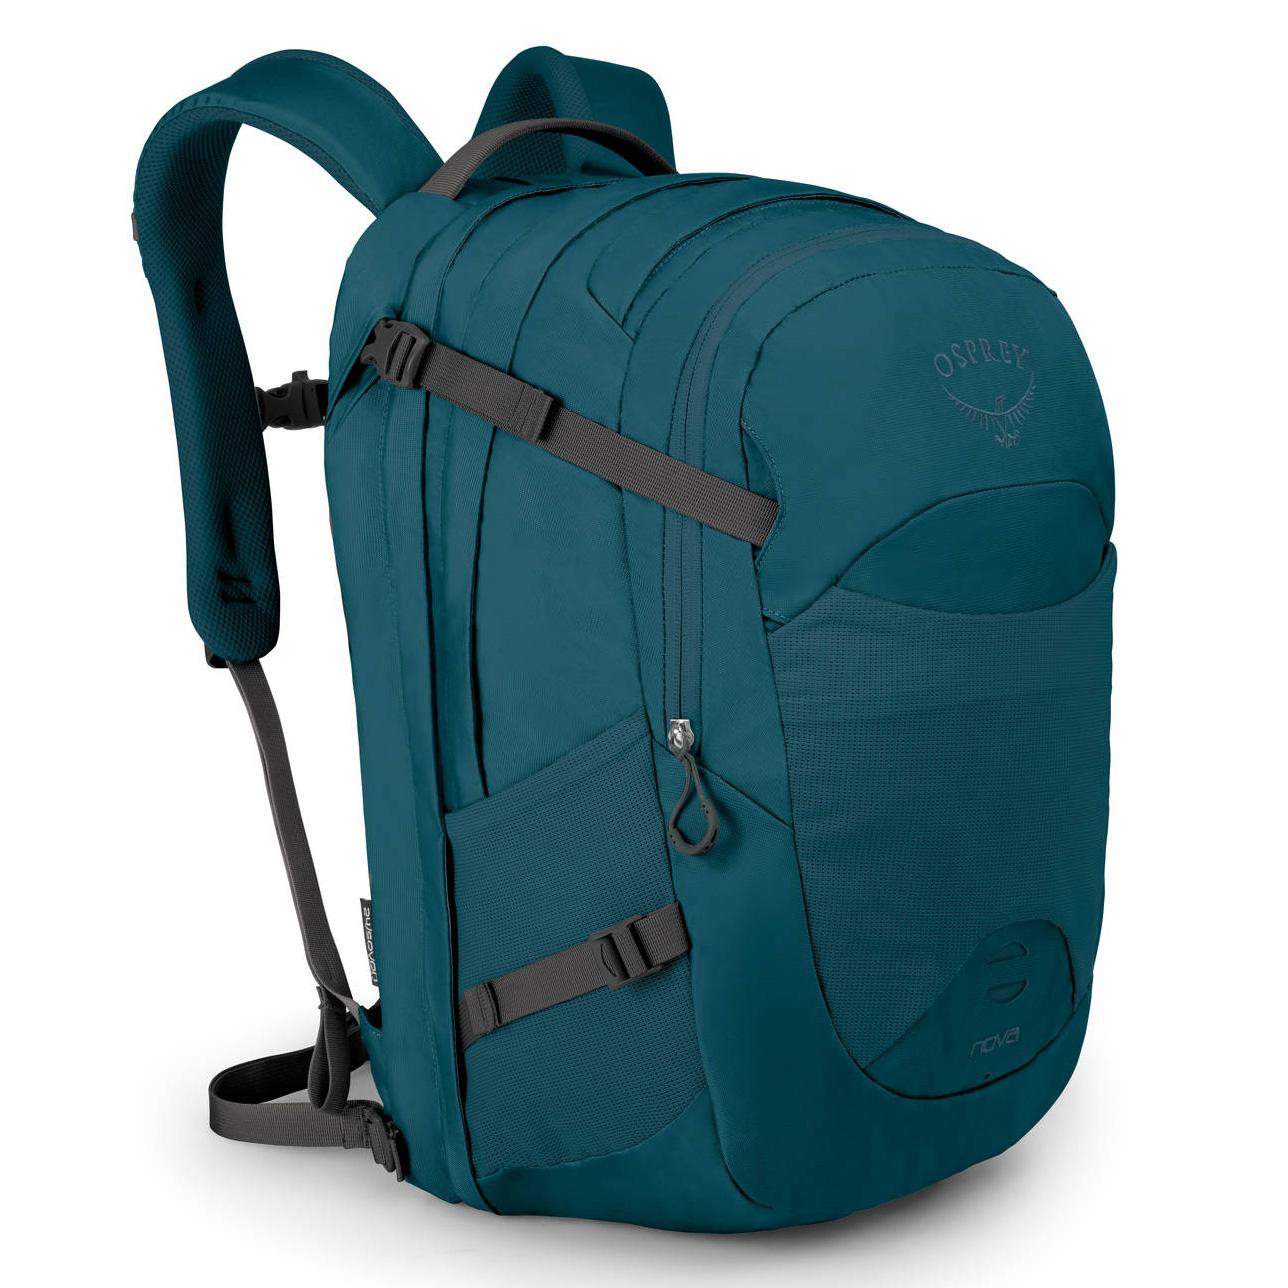 Osprey Nova 32 - Women's Backpack - Ethel Blue